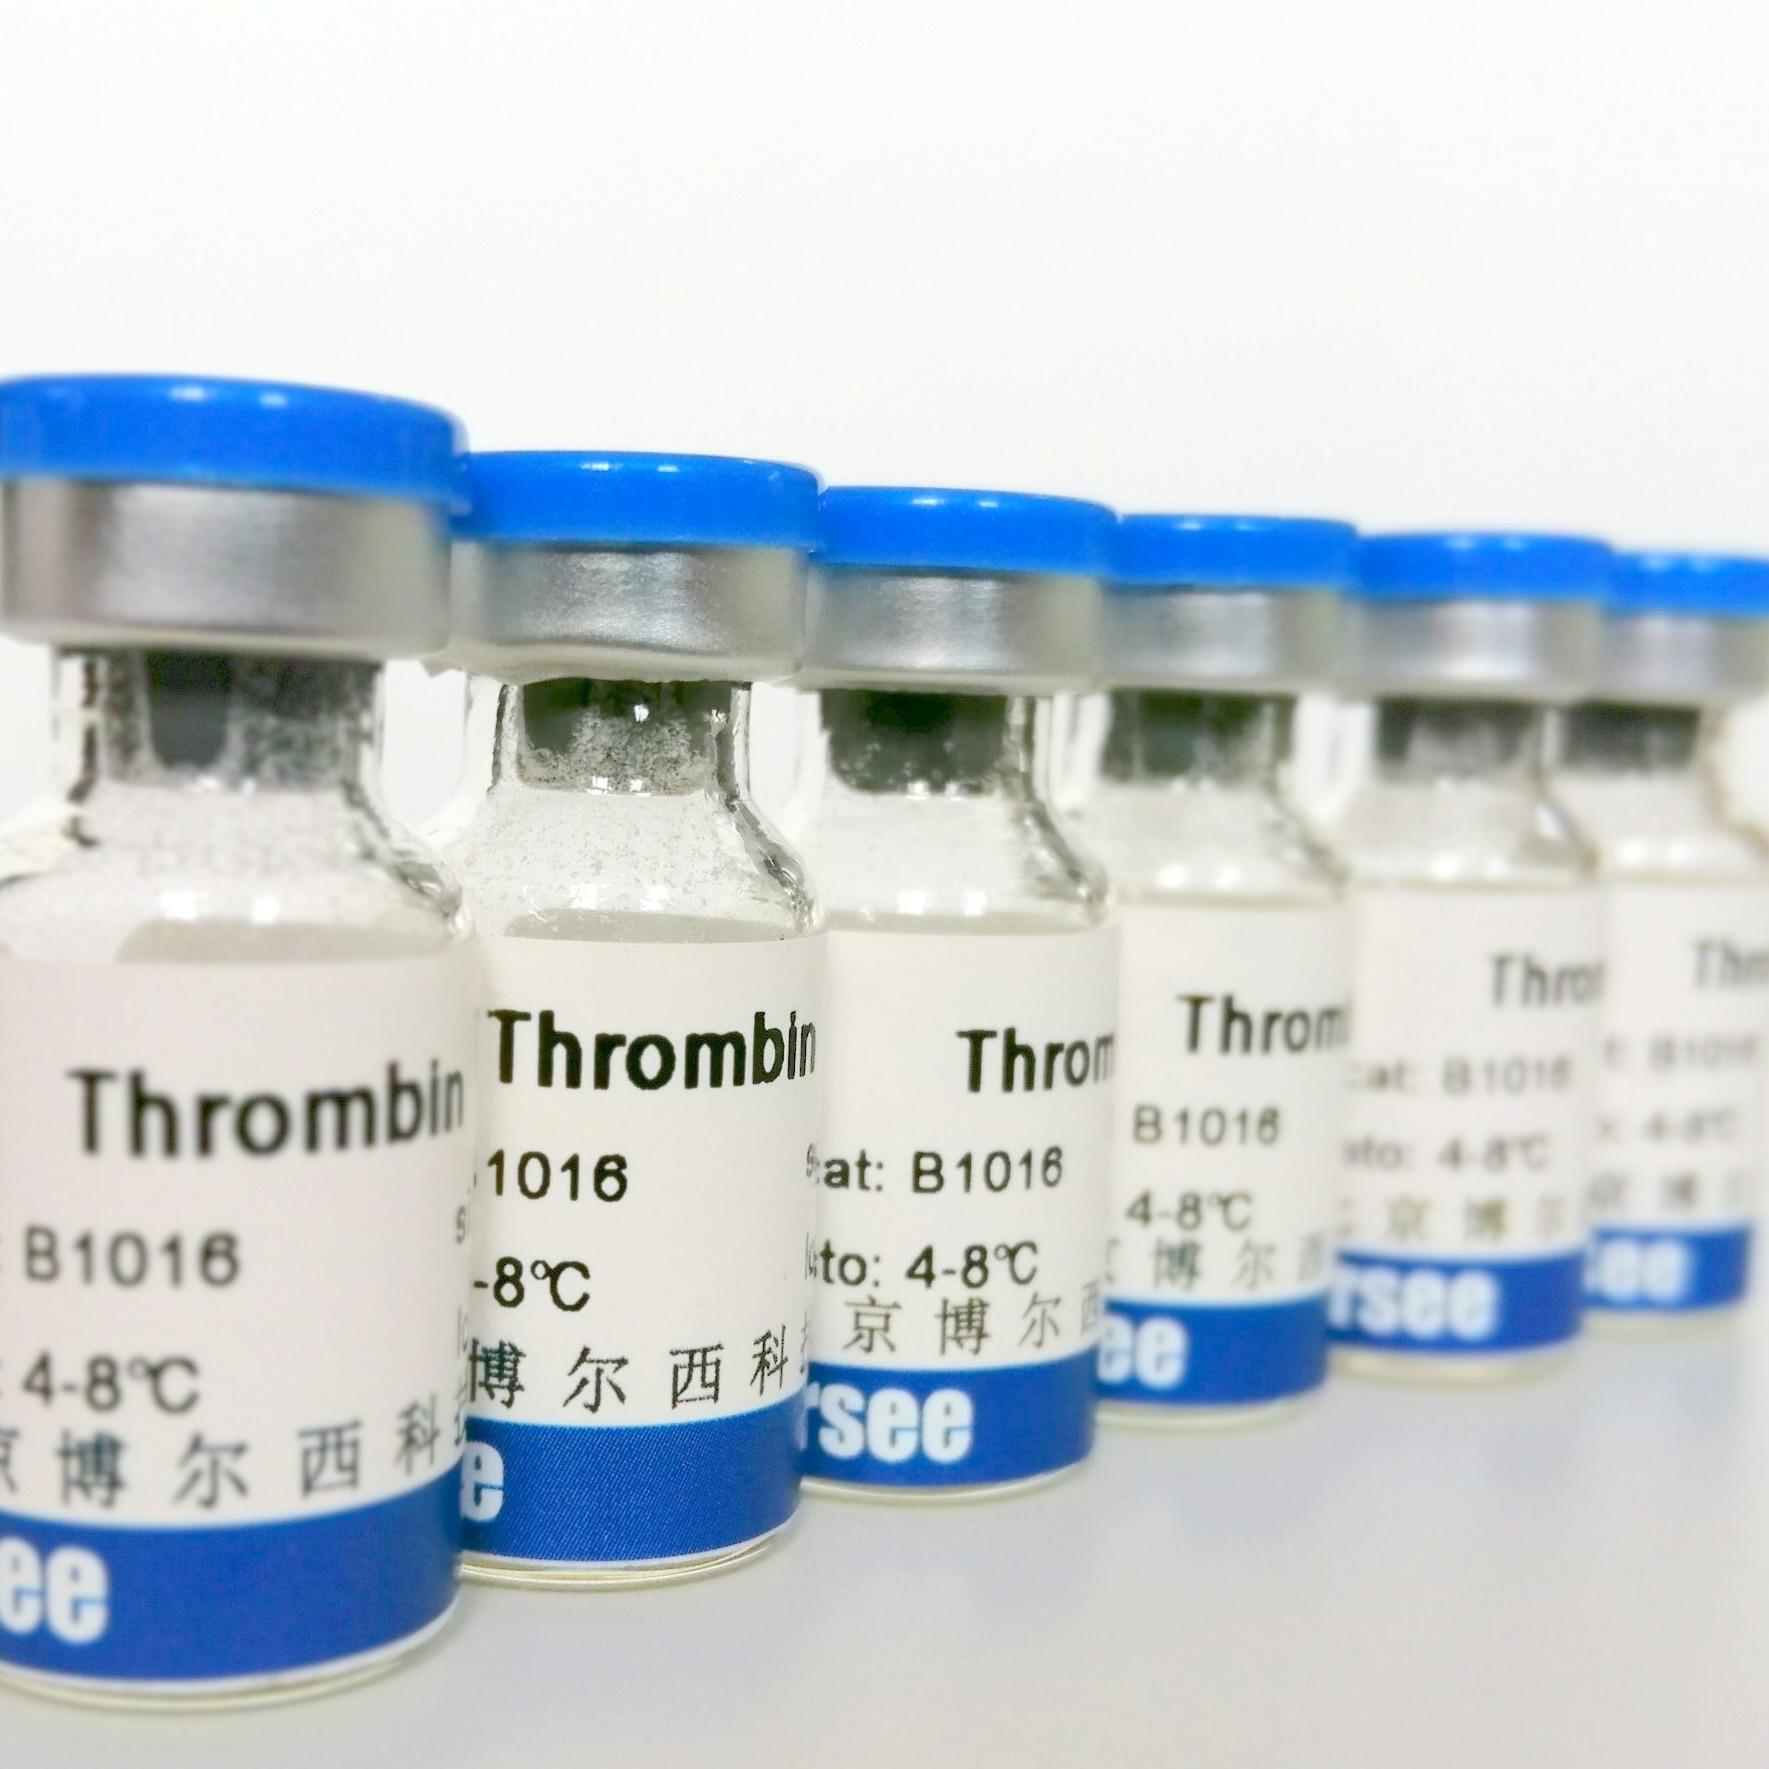 重组人抗胰蛋白酶(rh-AAT)